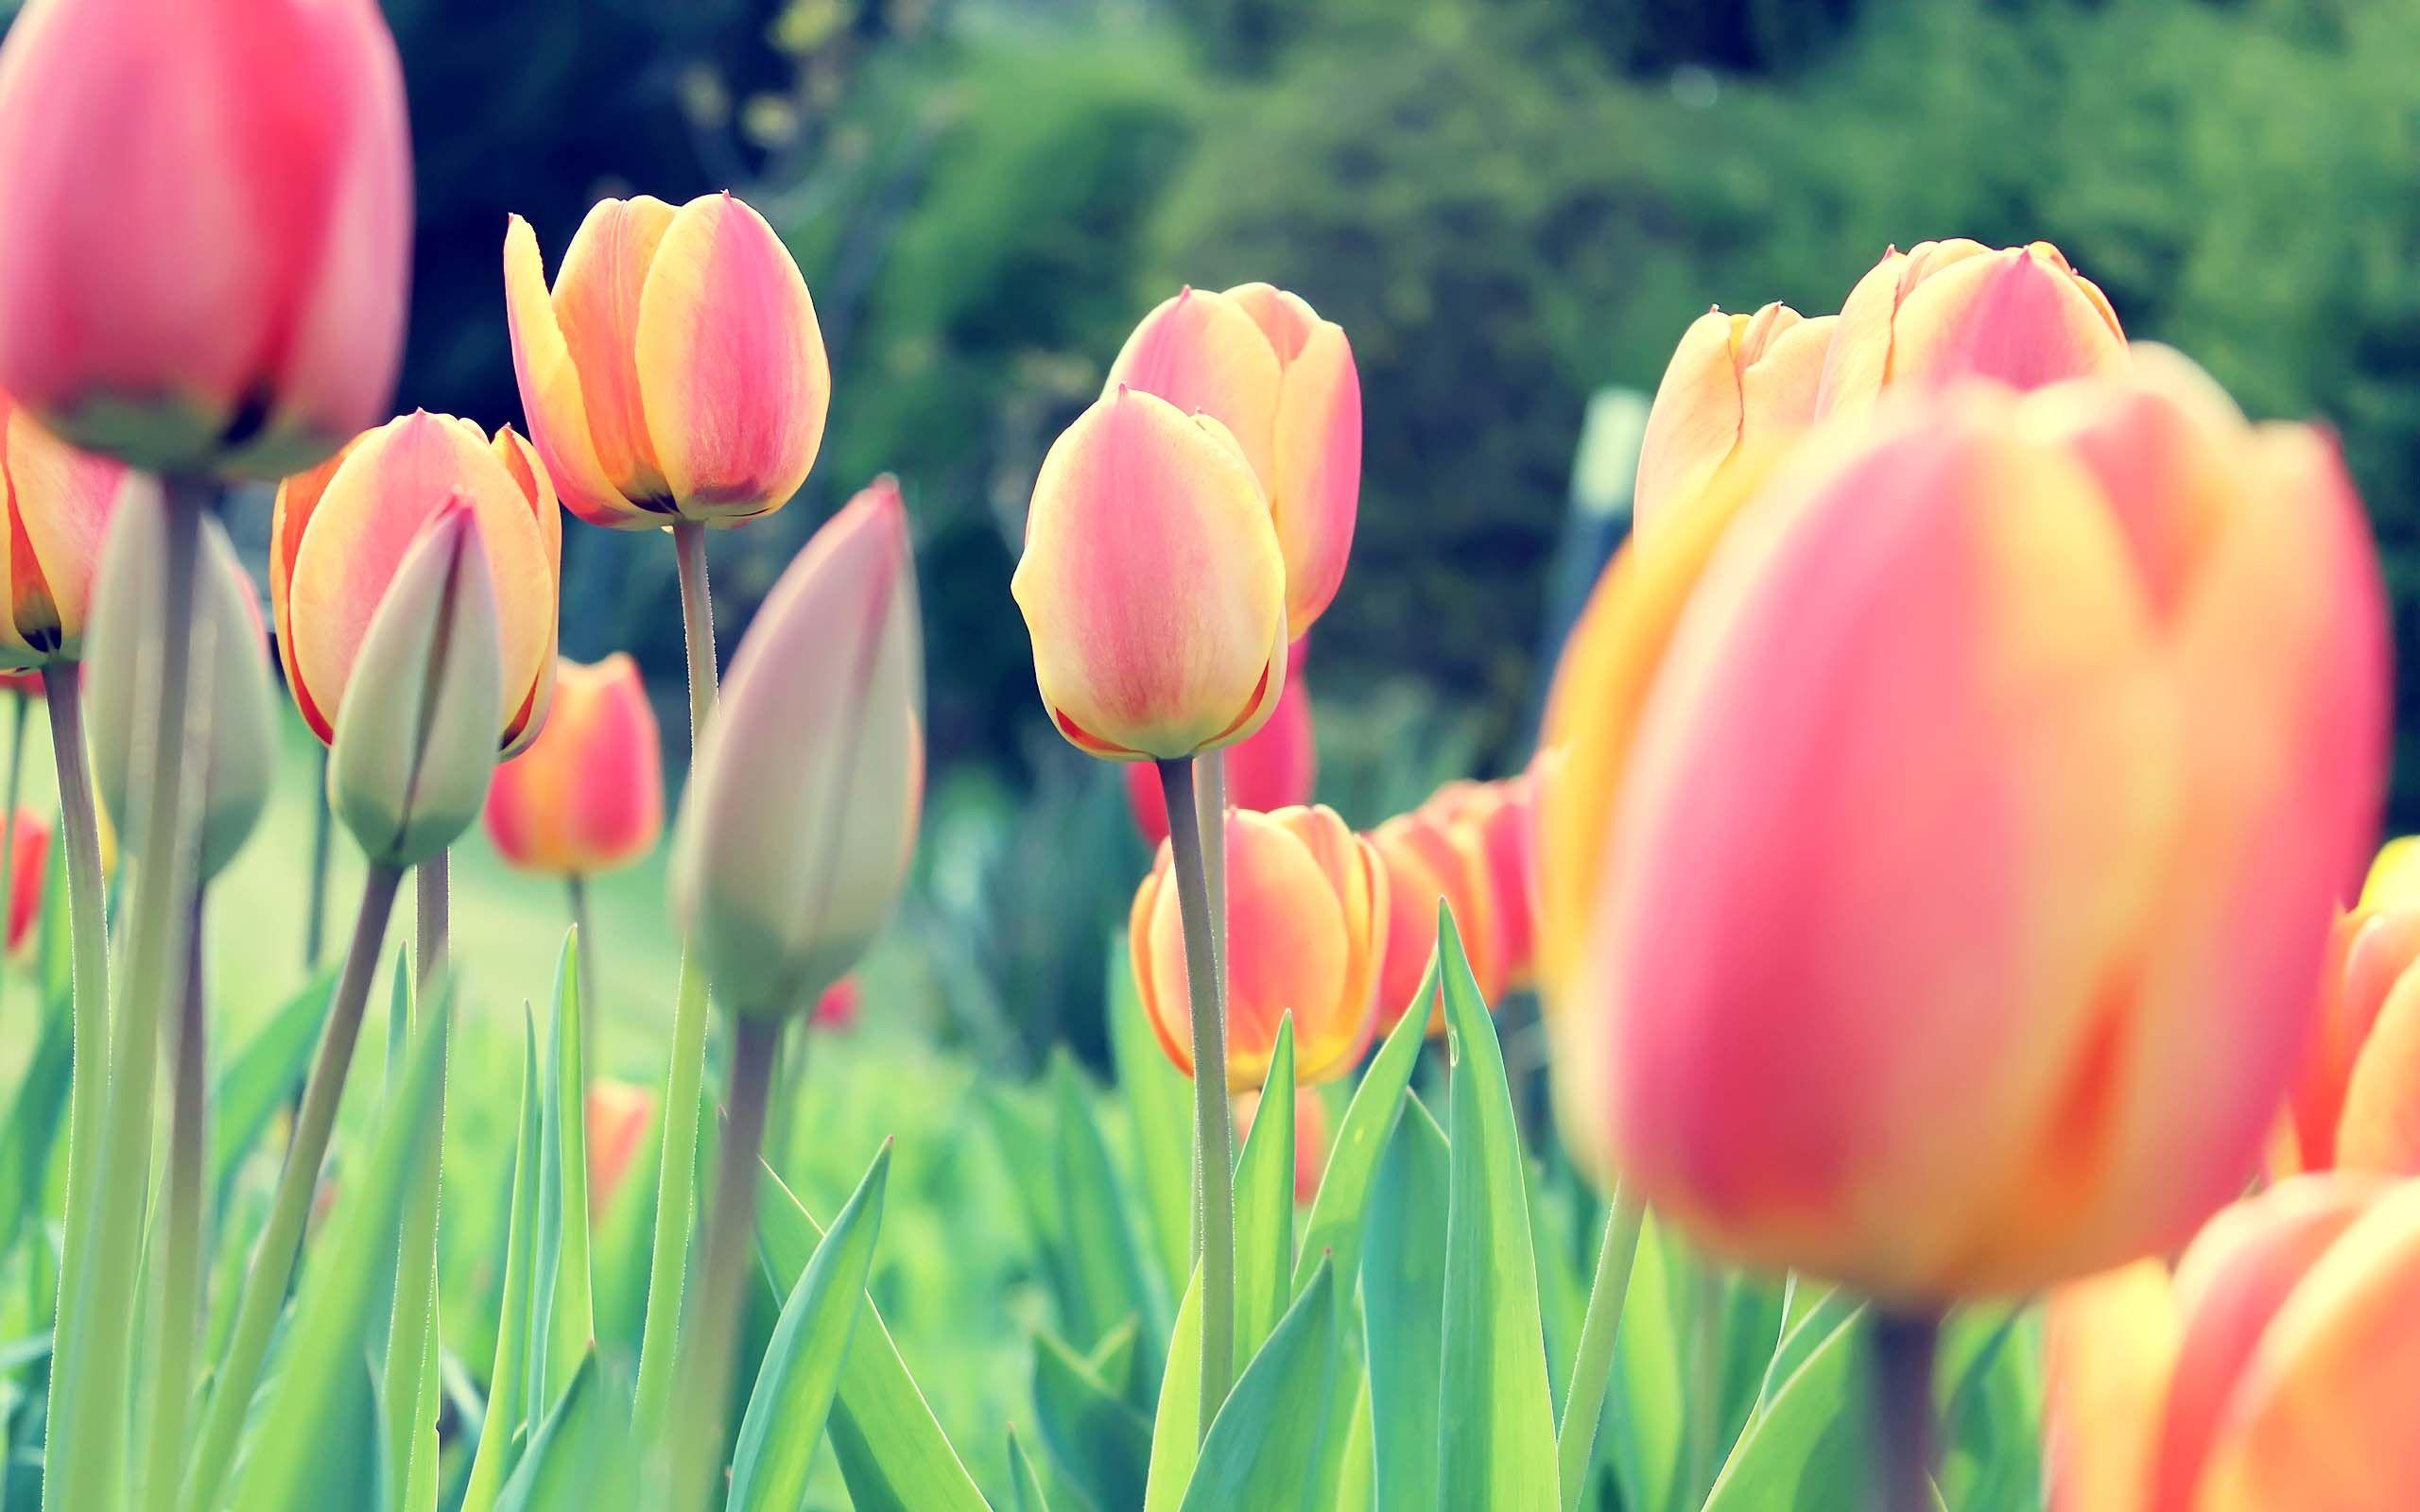 Virag Tulipanok Hatterkepek 2560 1600 Cool Pc Hatterek Free Desktop Wallpaper Flowers Tulips